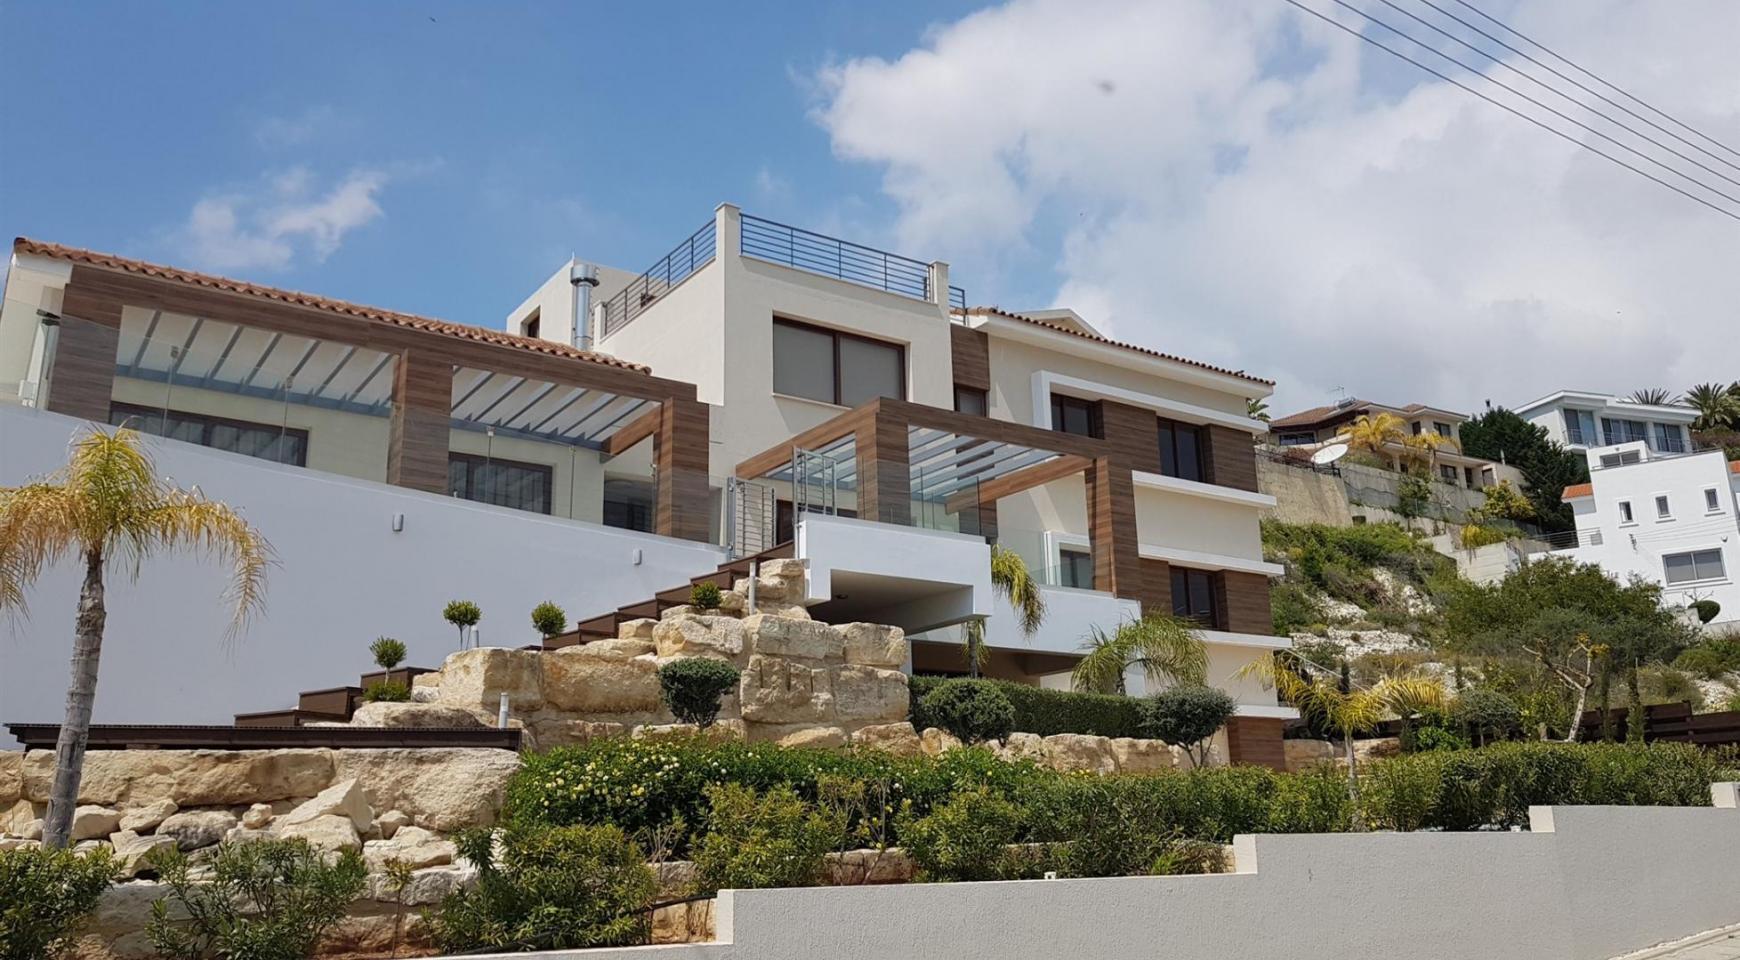 6 Bedroom Villa with Breathtaking Sea Views - 1